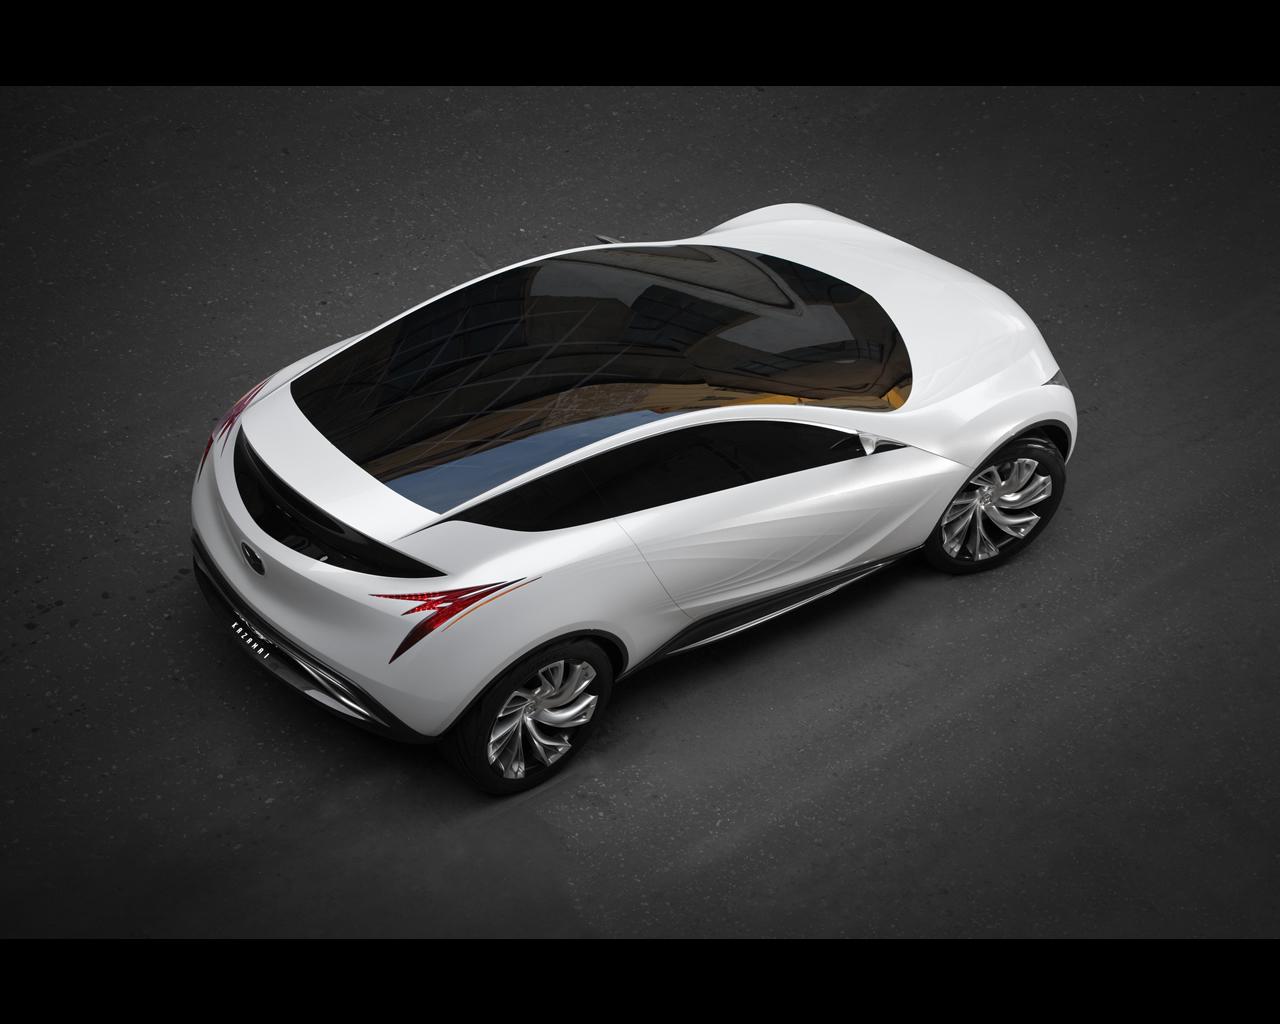 http://autoconcept-reviews.com/cars_reviews/mazda/mazda-kazamai-concept-2008/wallpaper/3.jpg